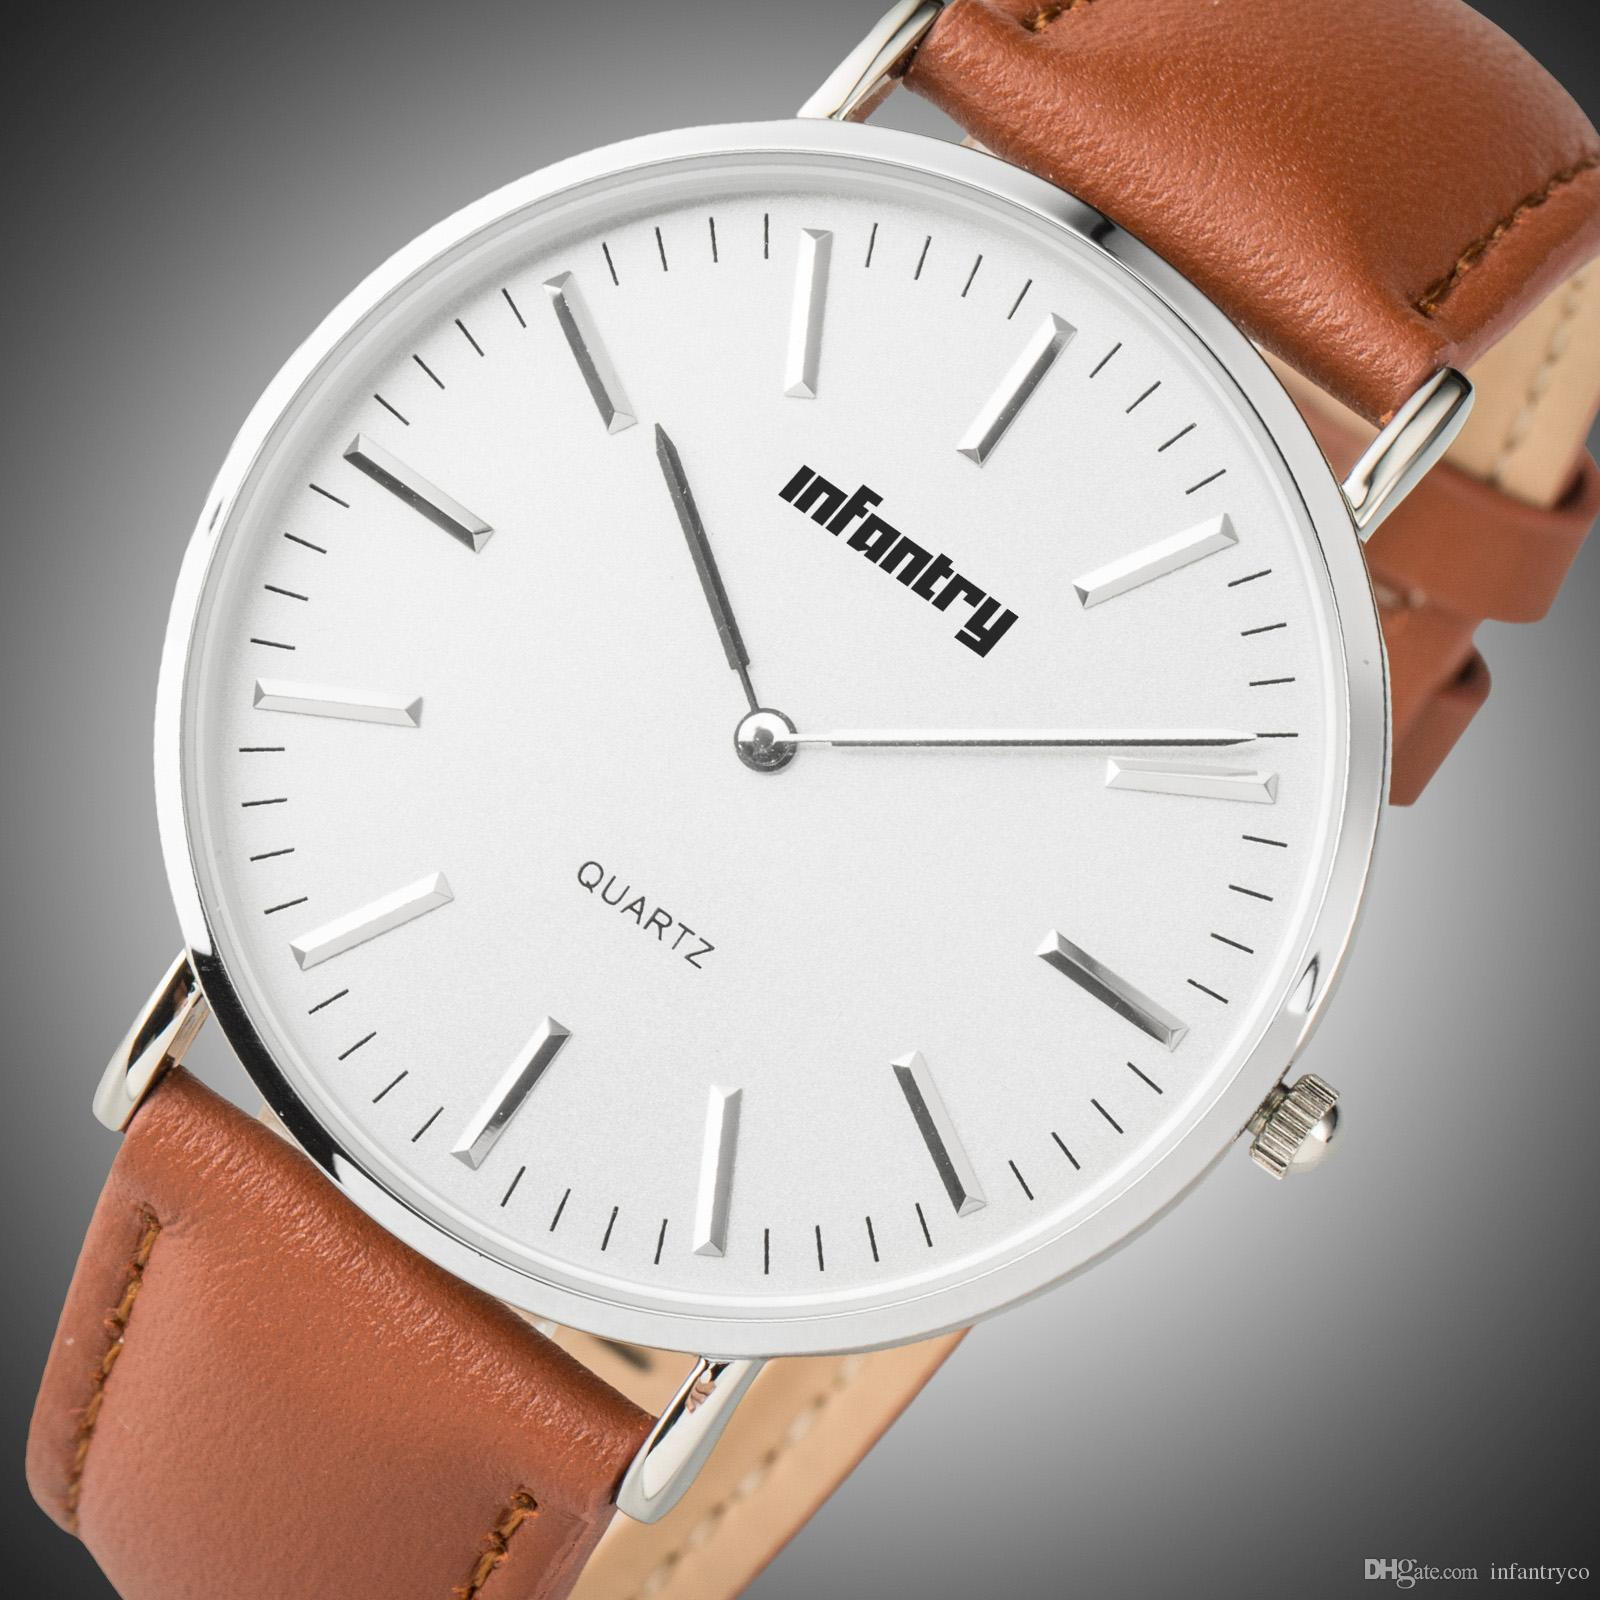 bc9b685eea4 Compre Famosa Montre Moda Marca INFANTARIA Relógios Para Homens E Mulheres  Vestido Daniel De Luxo Relógio De Quartzo Pulseira De Couro Esporte Relógios  40mm ...